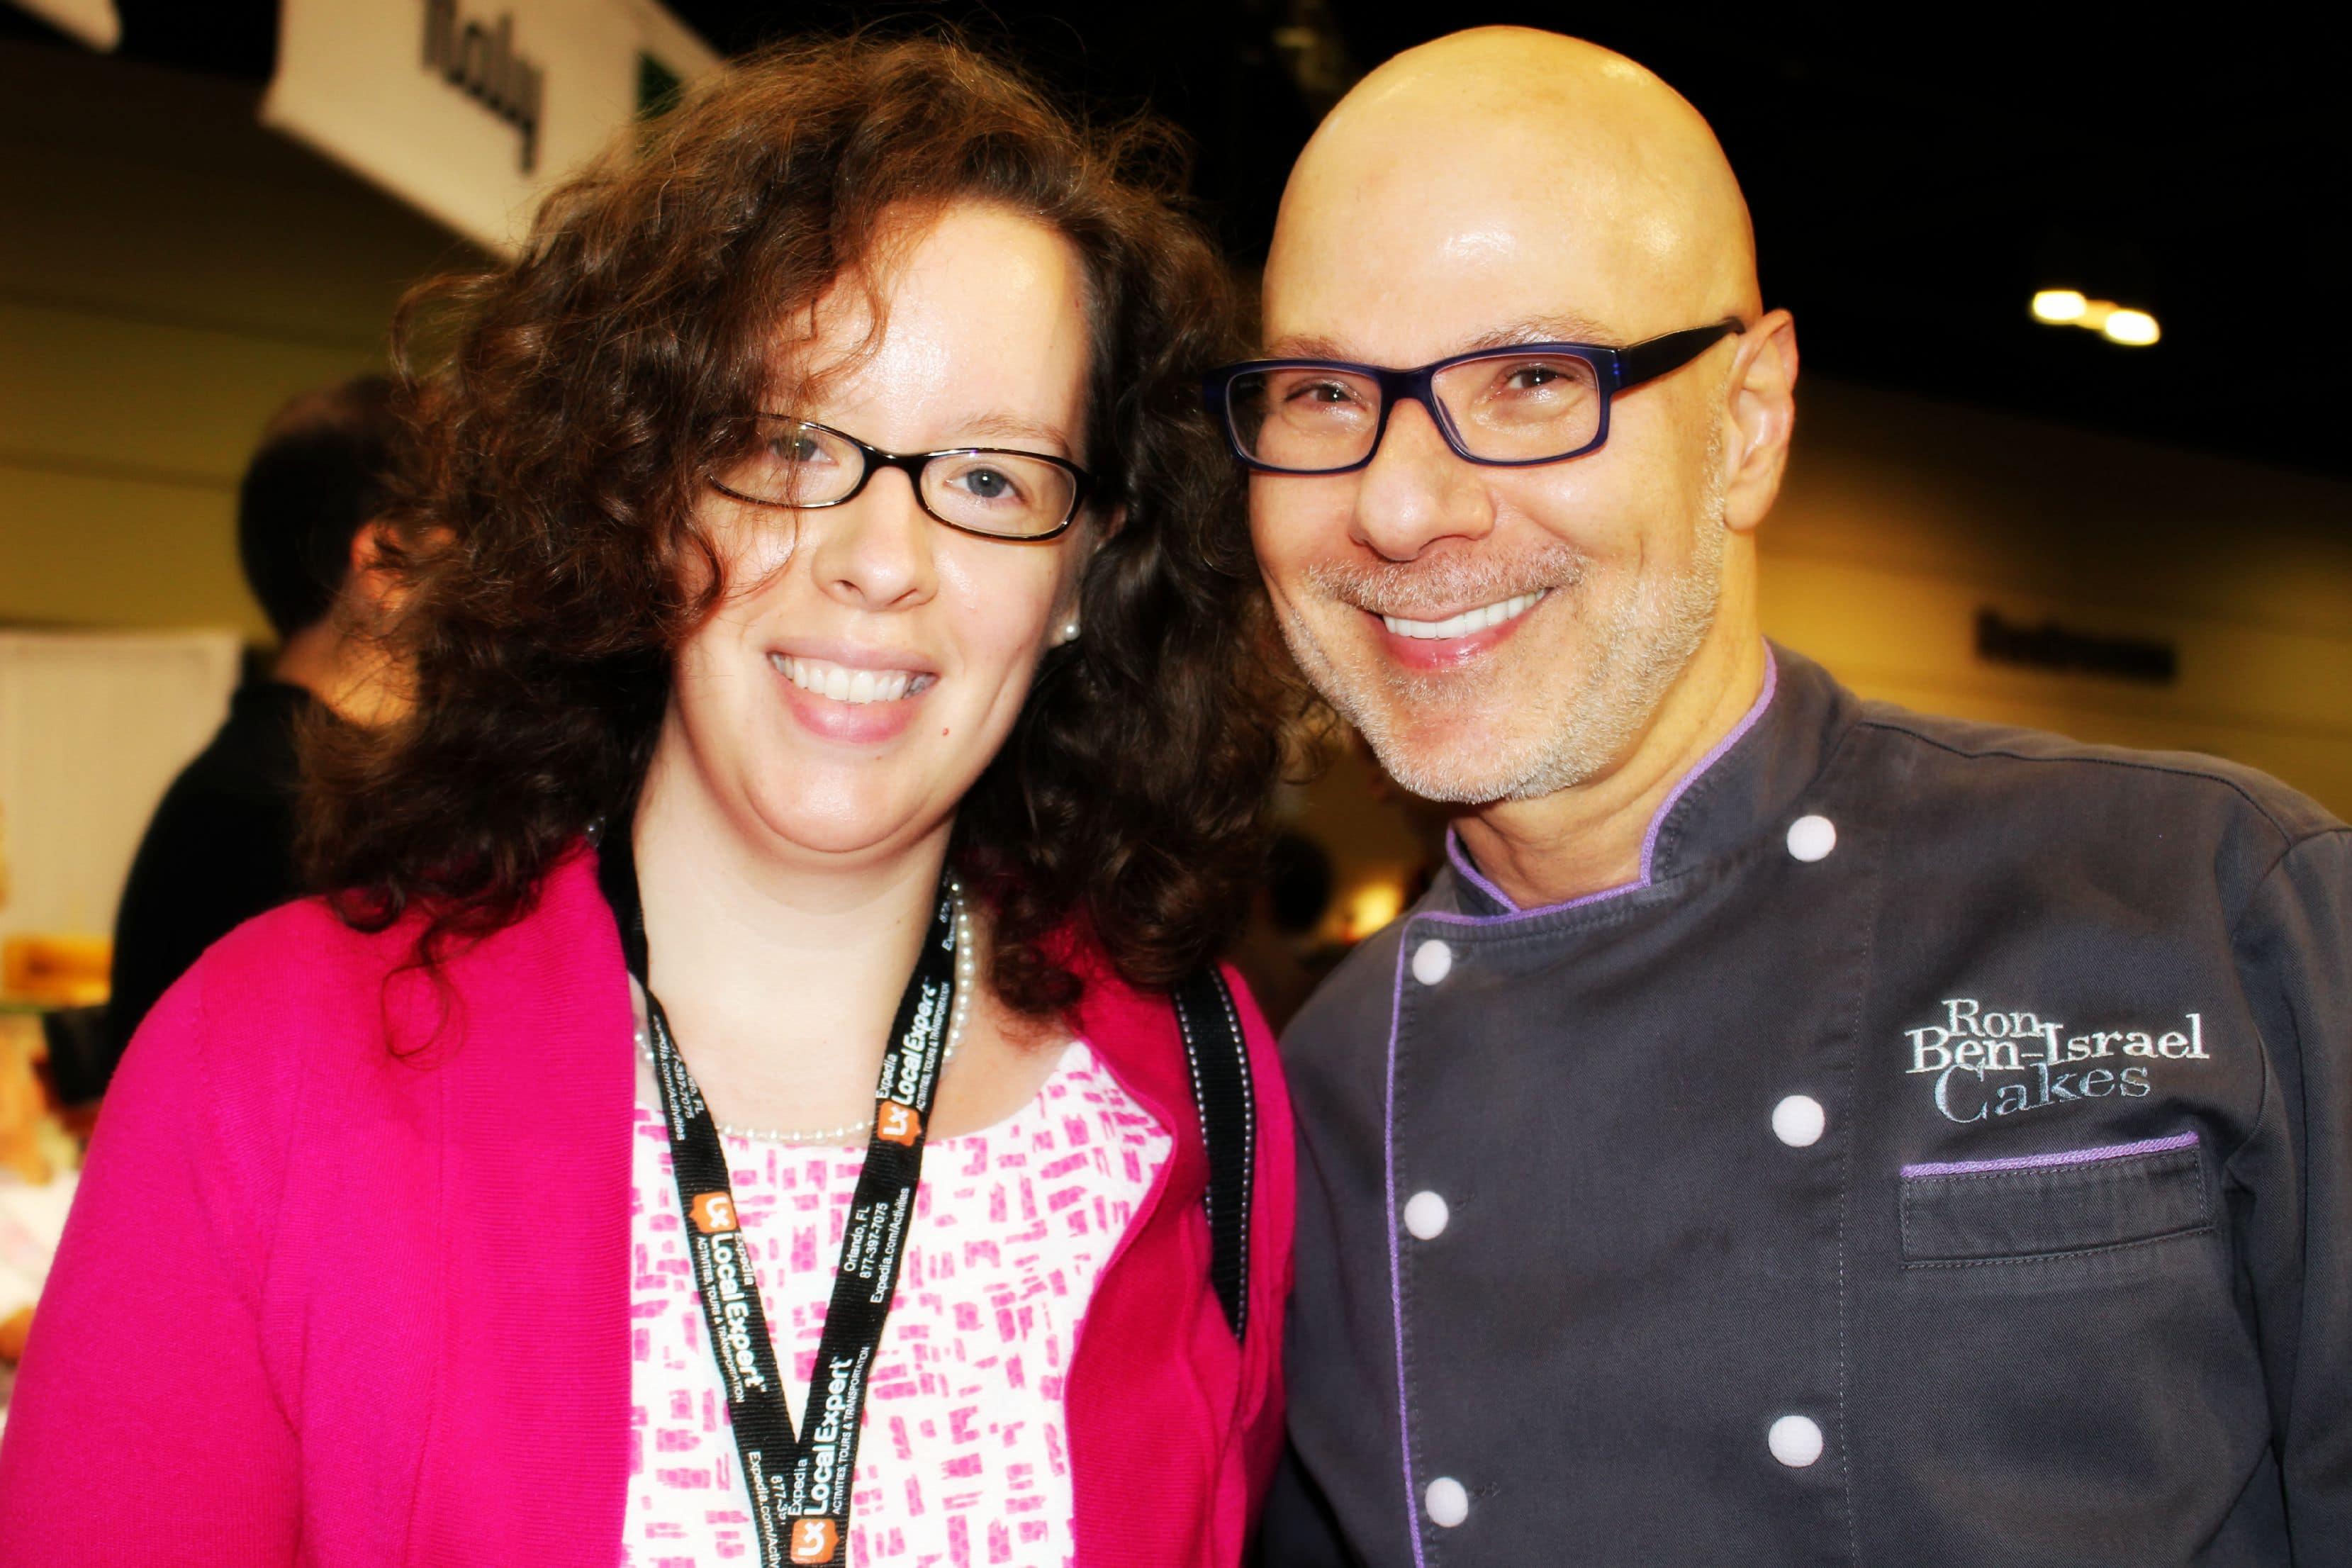 Ron Ben-Israel and Katie Moseman